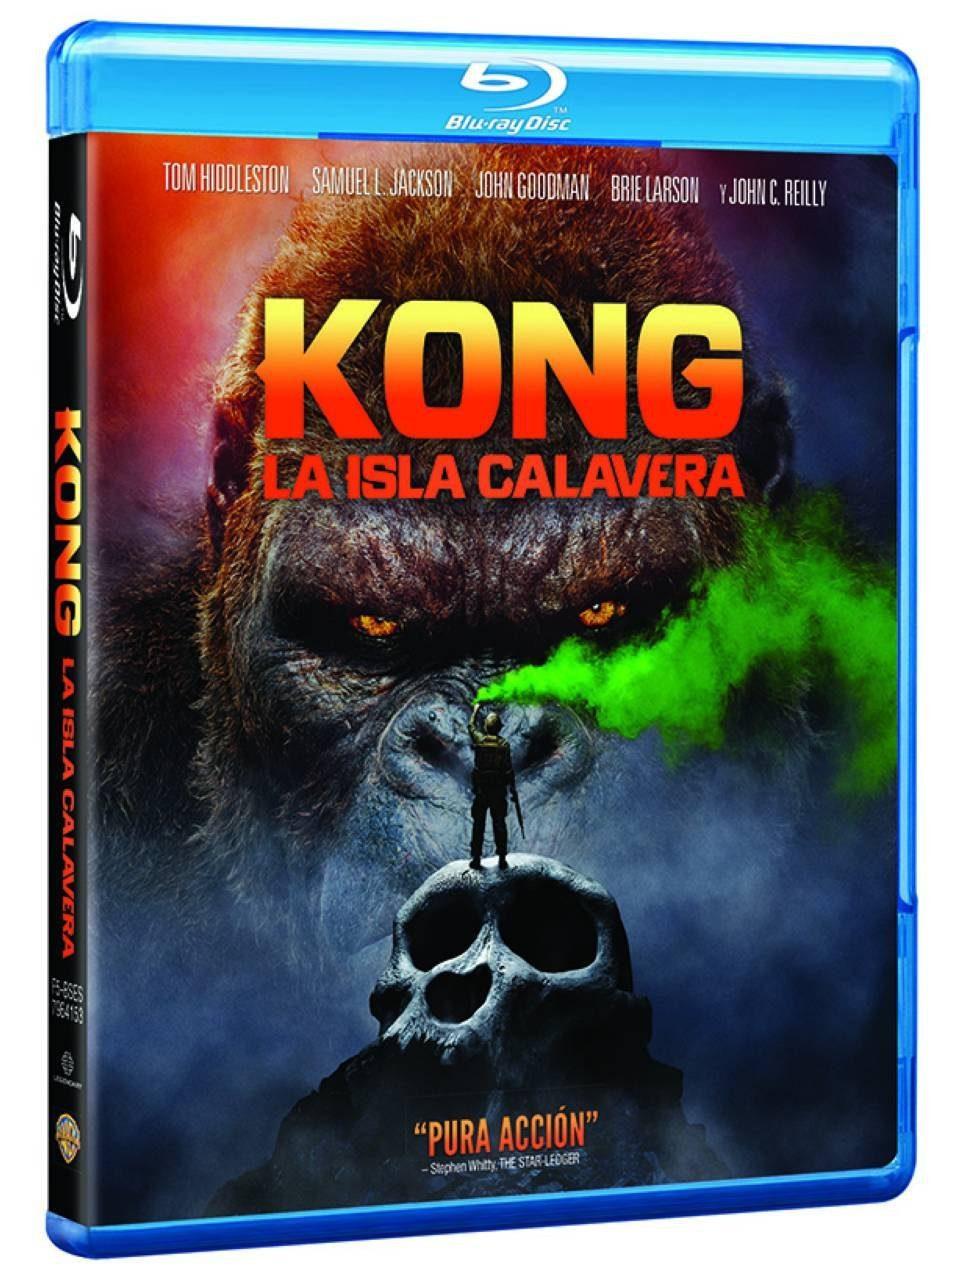 [FINALIZADO] ¡Concurso! Gana una copia de 'Kong: La Isla Calavera' en Blu-ray